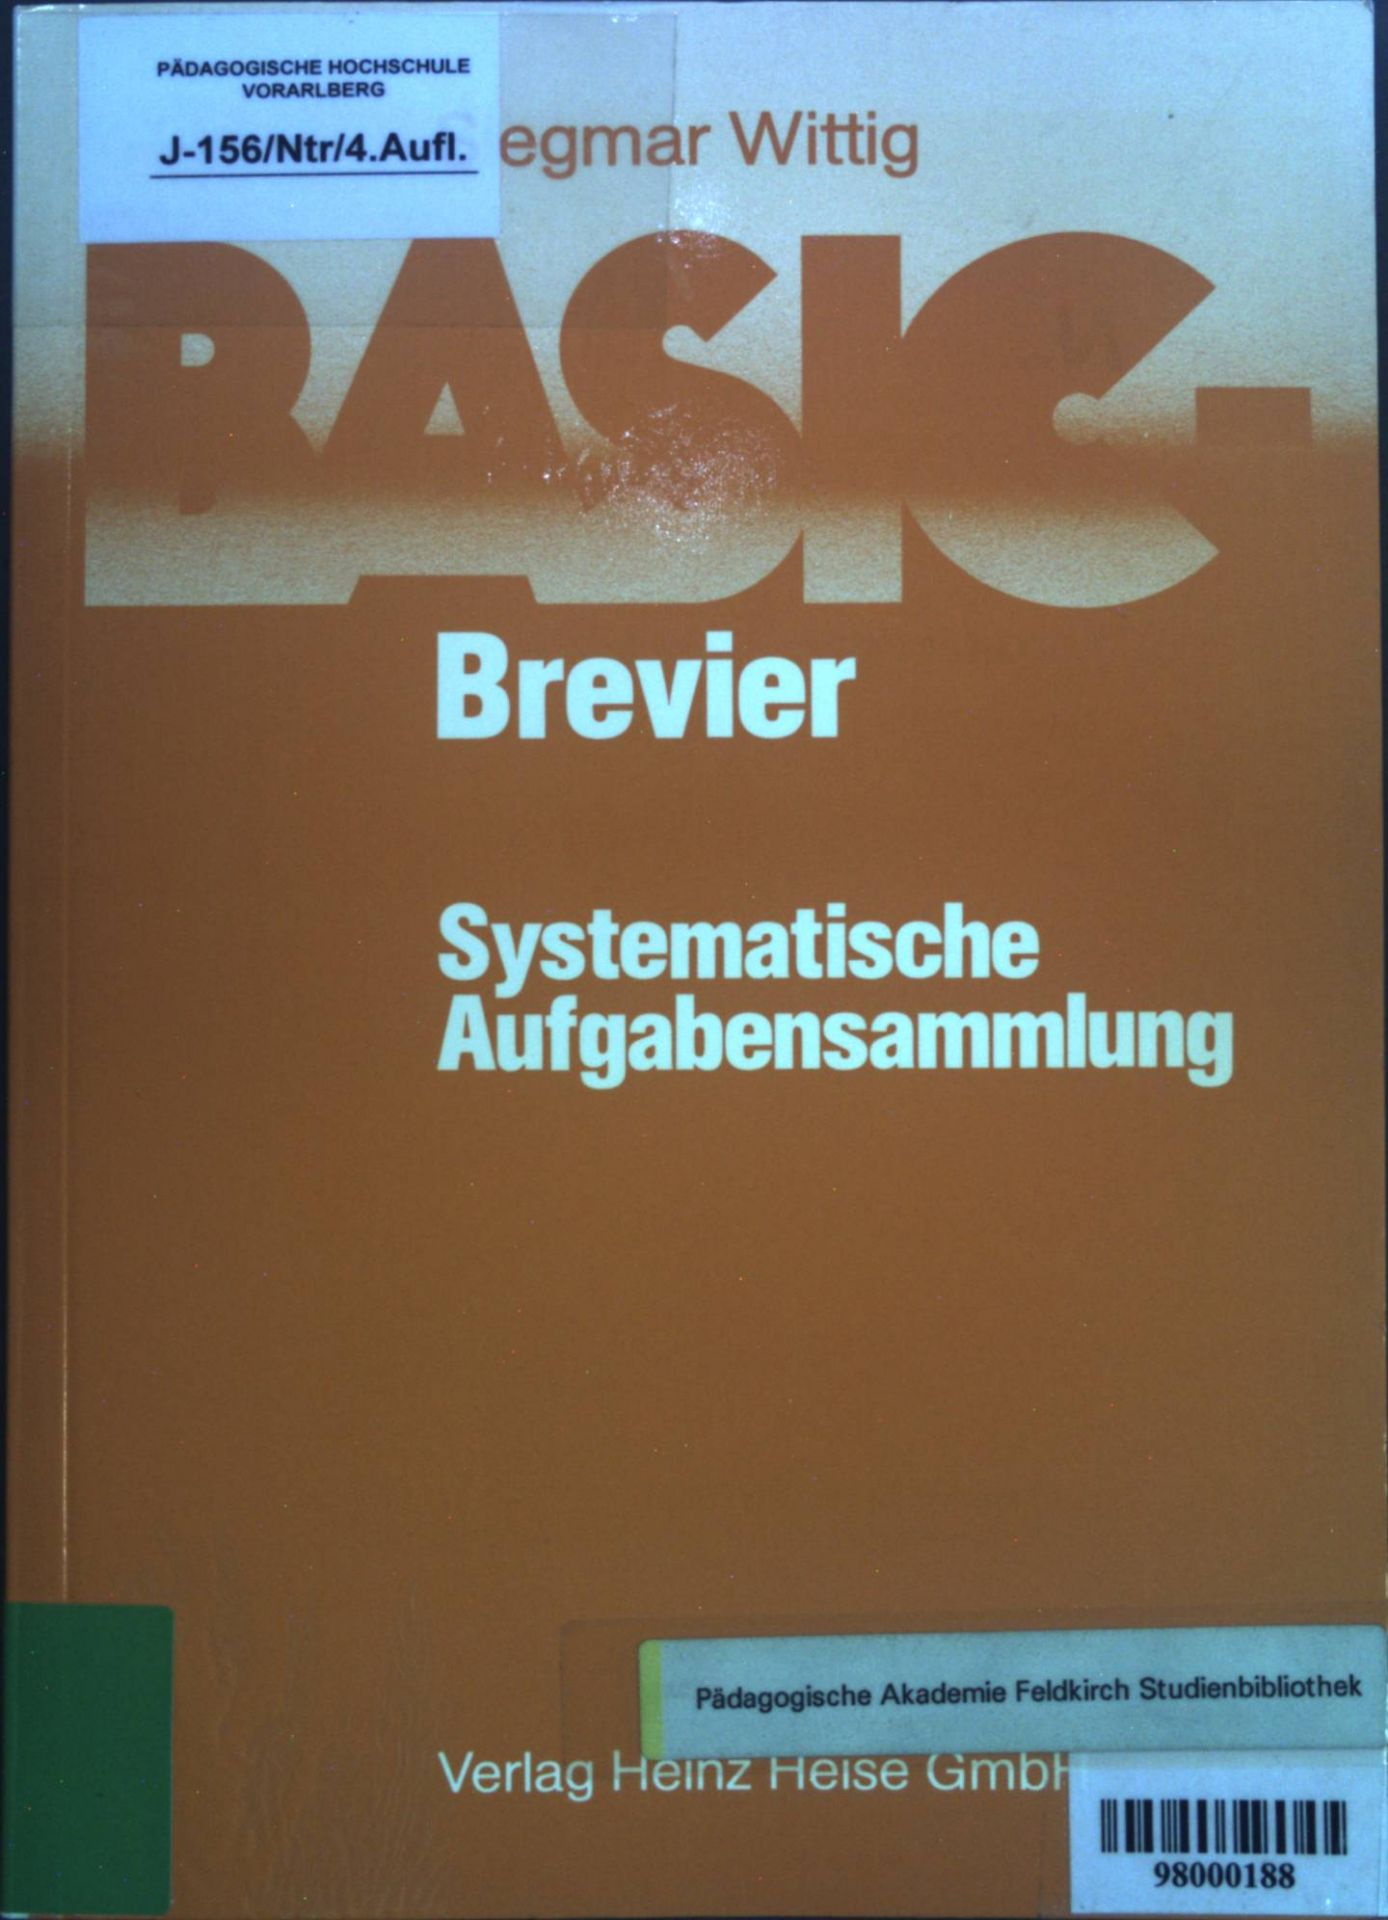 BASIC-Brevier Systematische Aufgabensammlung : 207 Aufgaben mit kommentierten Lösungsprogrammen u. zahlr. Lösungsvarianten. - Wittig, Siegmar